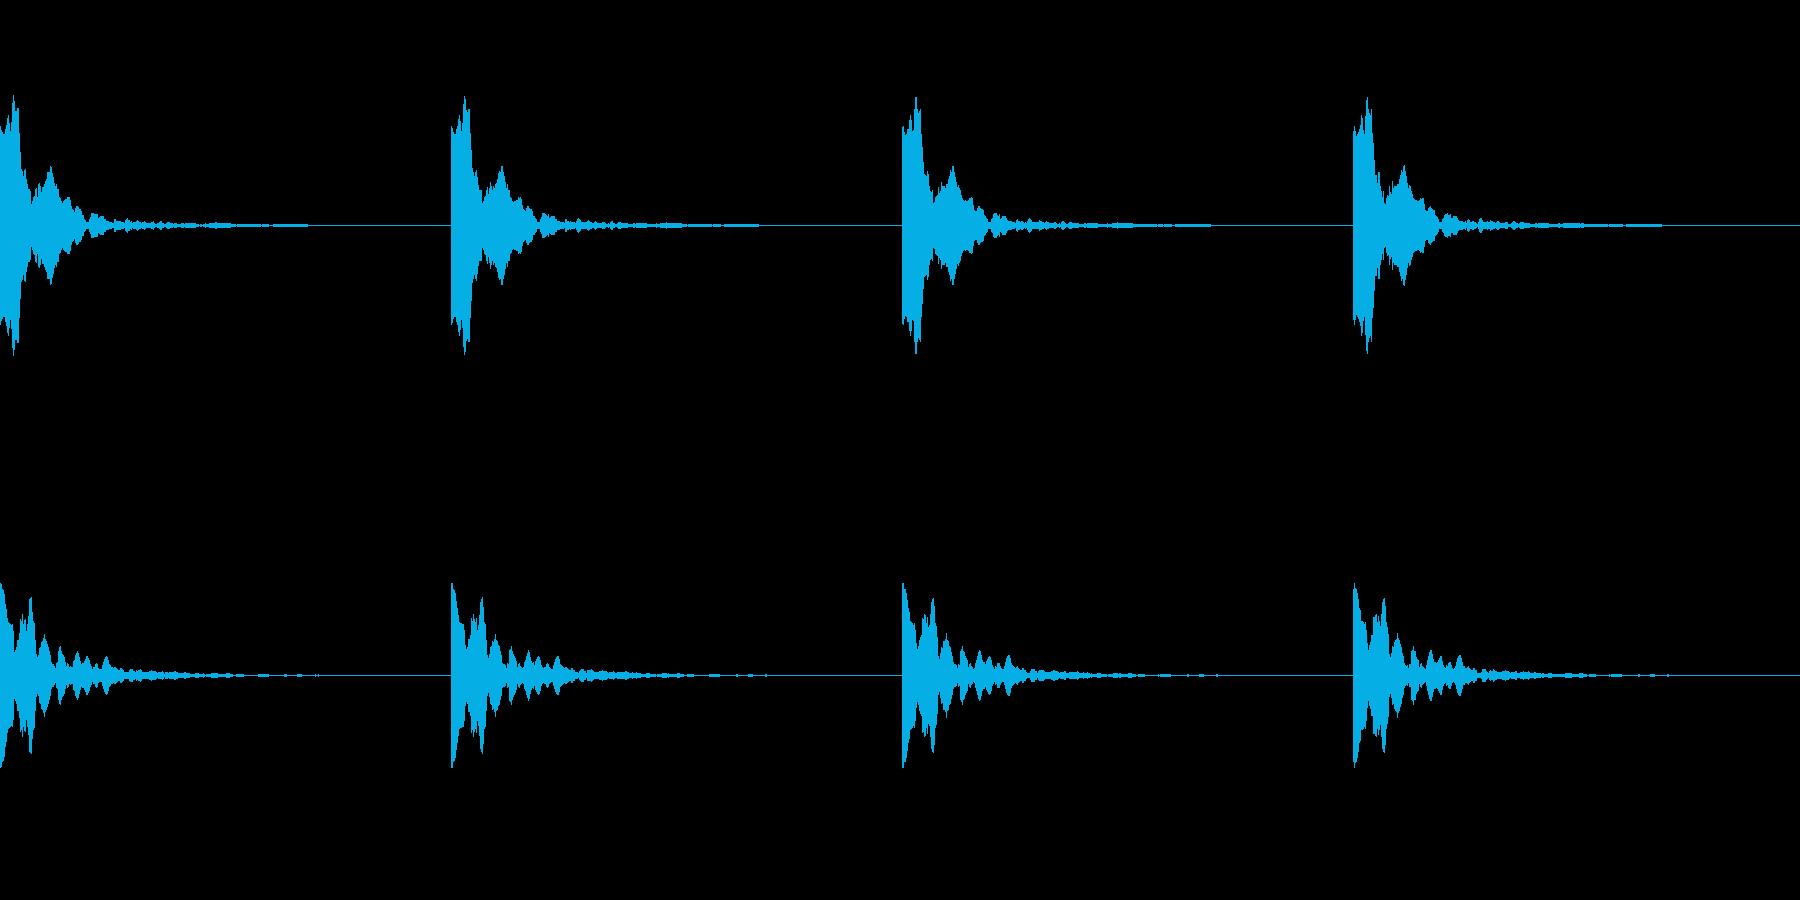 ポーン:ソナーのレーダー音(ループ可)の再生済みの波形